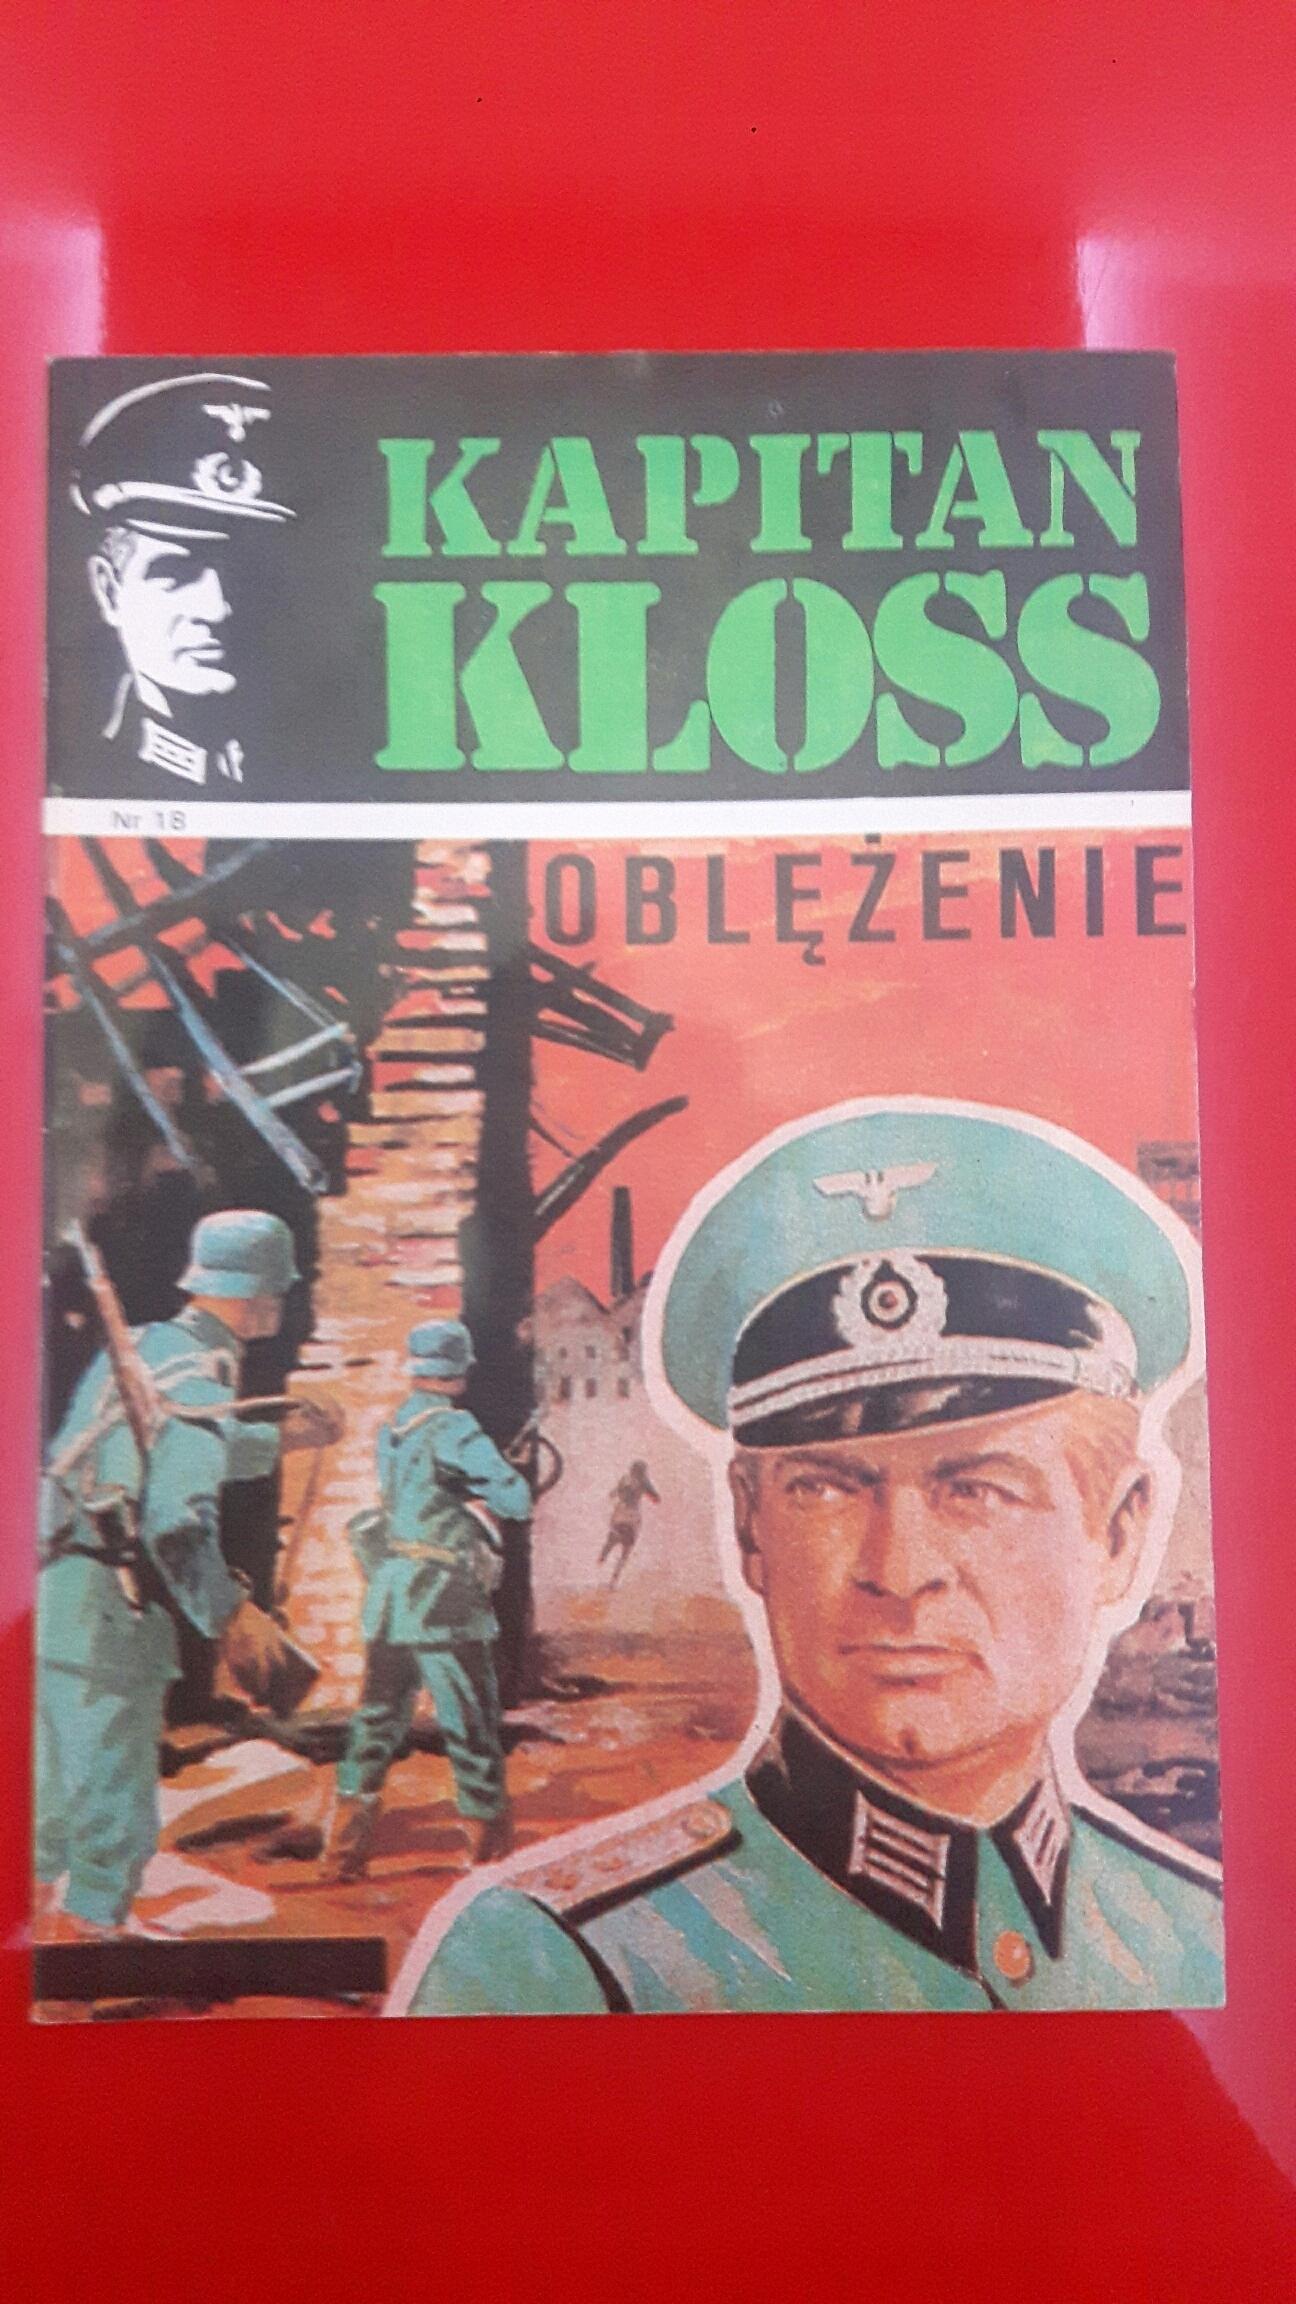 KLOSS - OBLĘŻENIE NR 18 ROK 1988